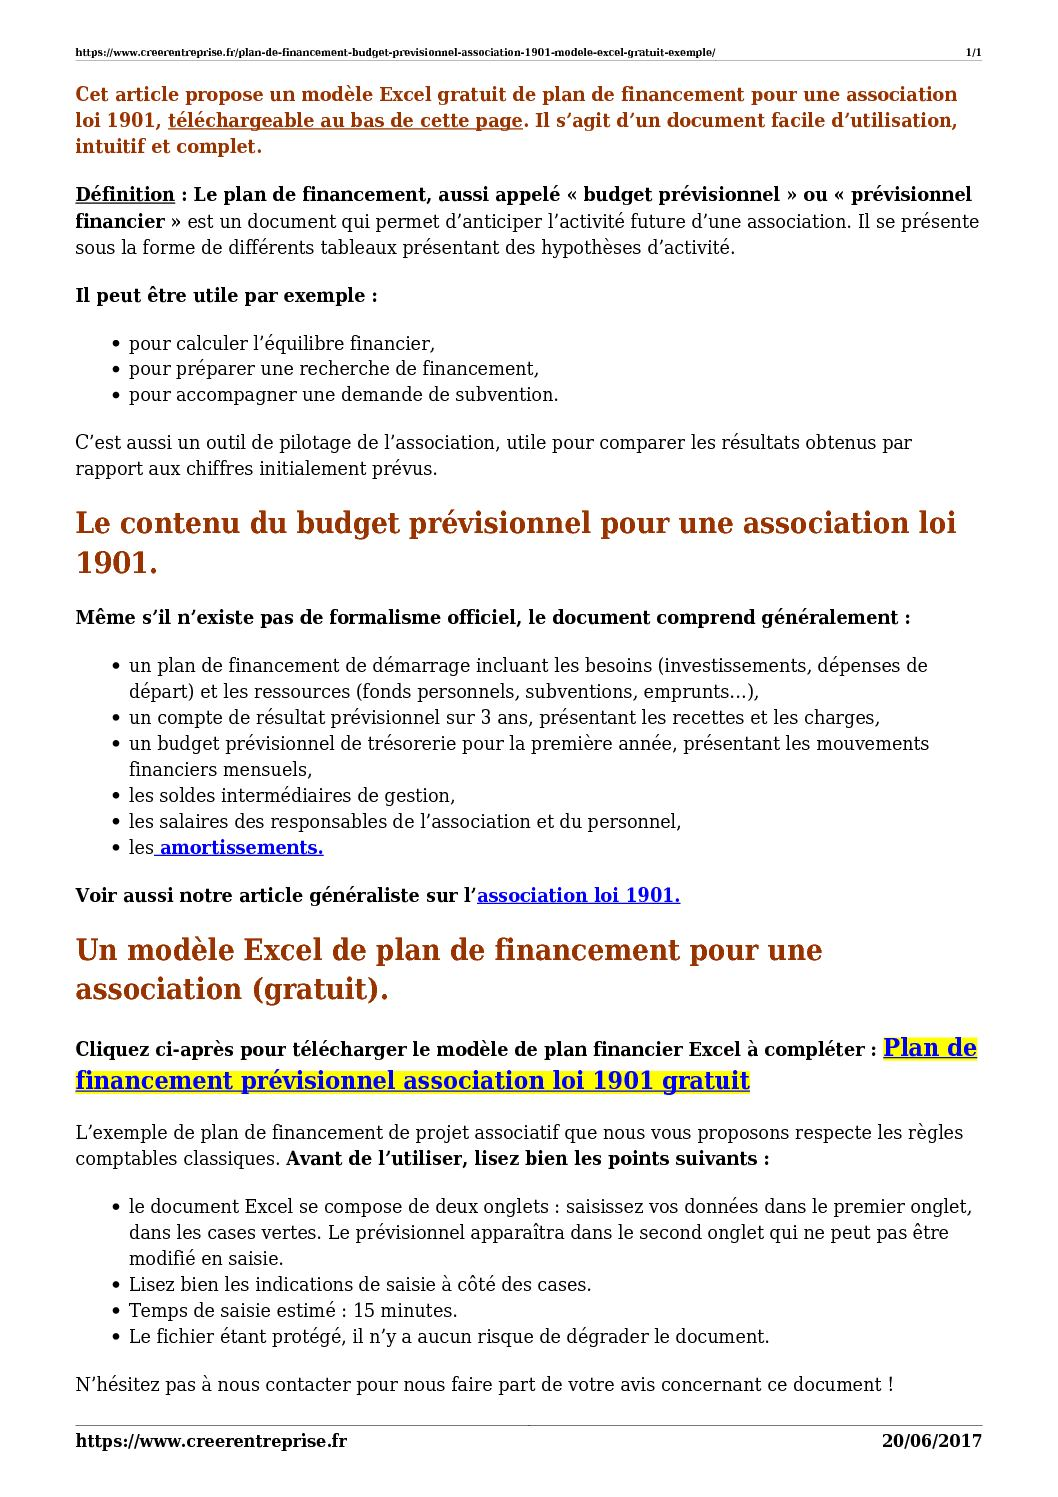 Calameo Plan De Financement Budget Previsionnel Association 1901